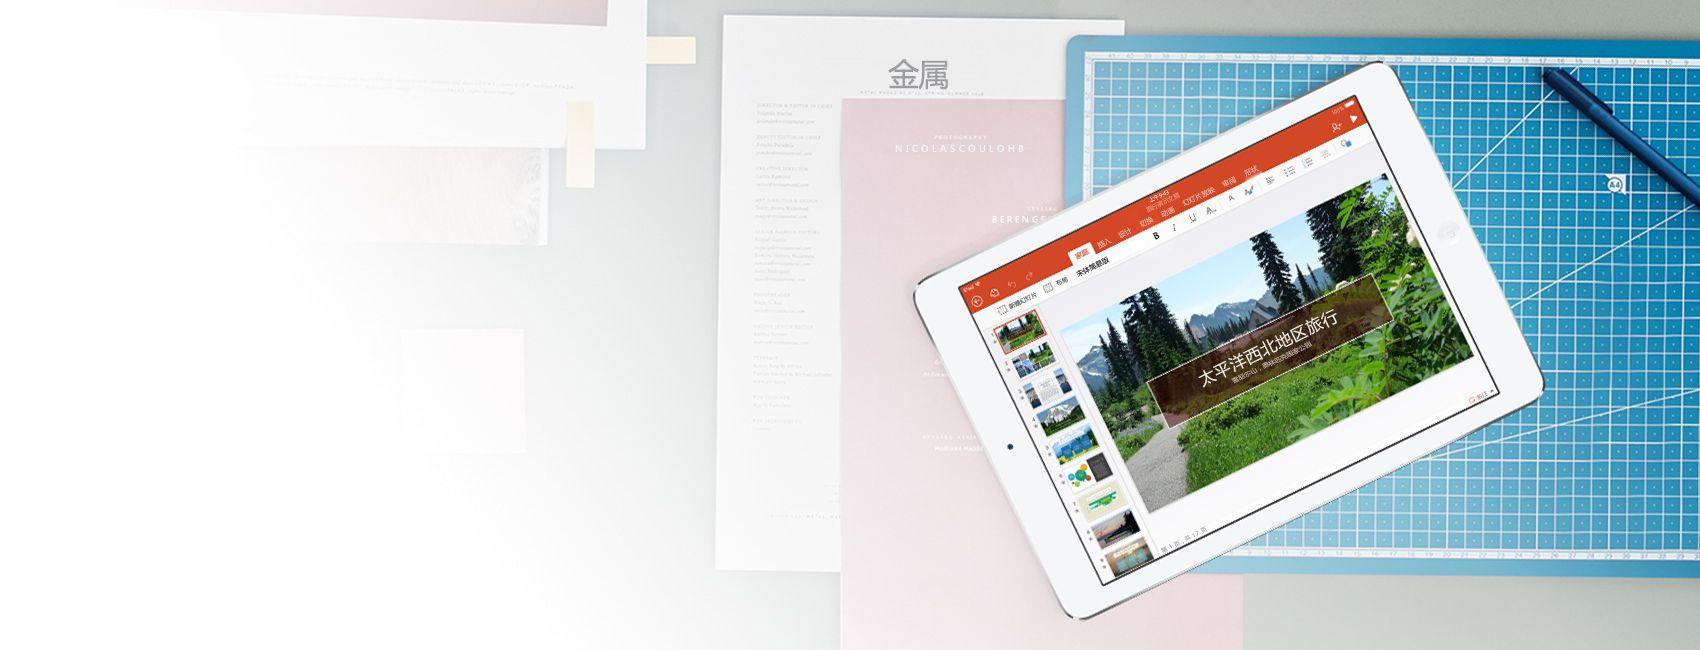 显示有关西北太平洋旅游的 PowerPoint 演示文稿的 iPad